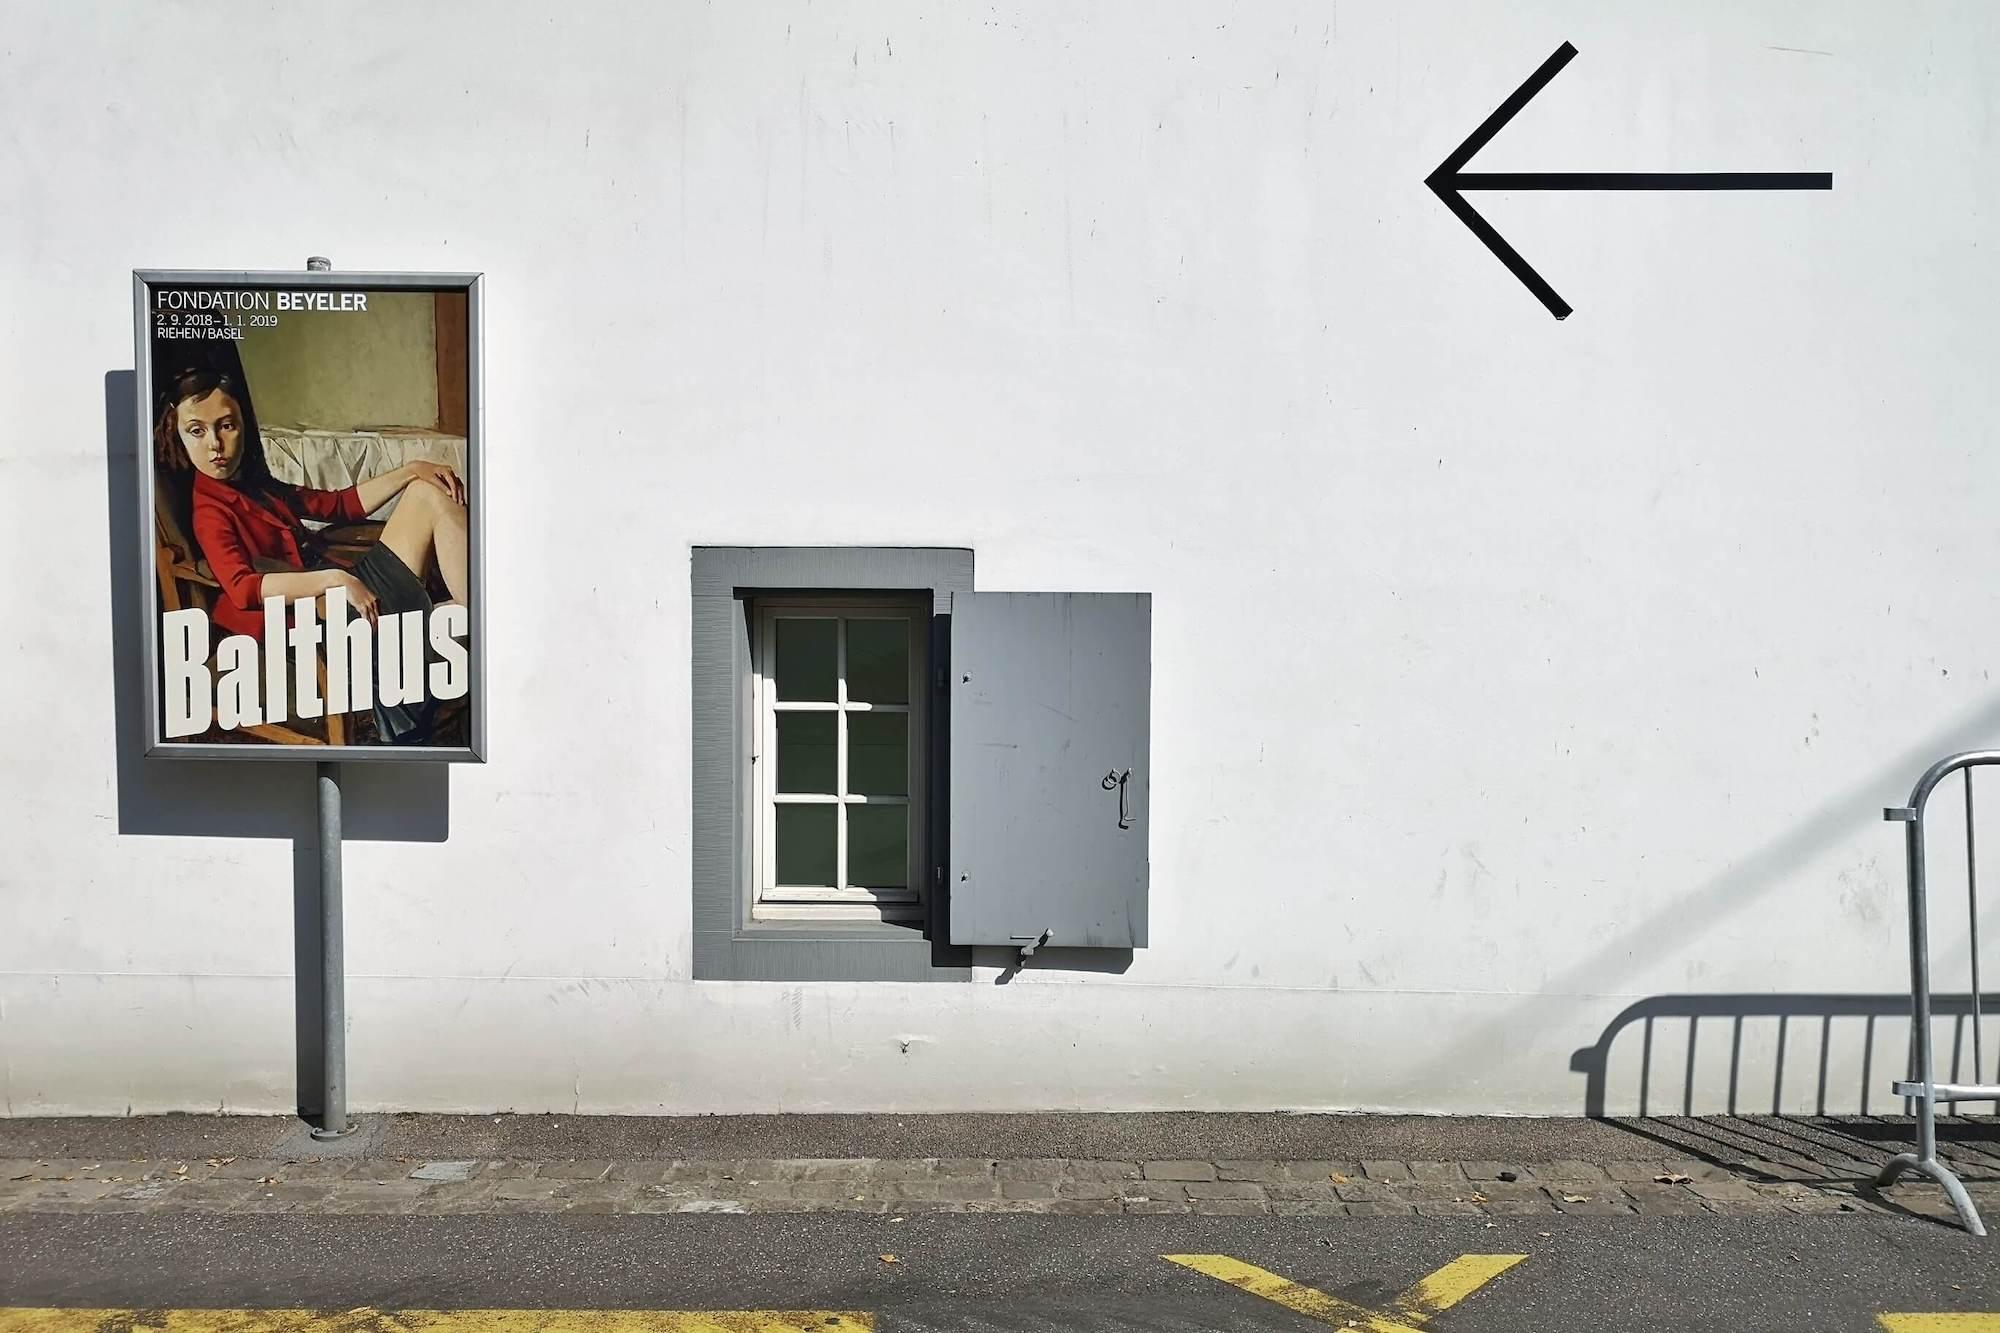 In Bezug auf den Maler Balthus wird aktuell wieder diskutiert, wie Museen und Galerien mit den Werken umstrittener Künstlern umgehen sollten.